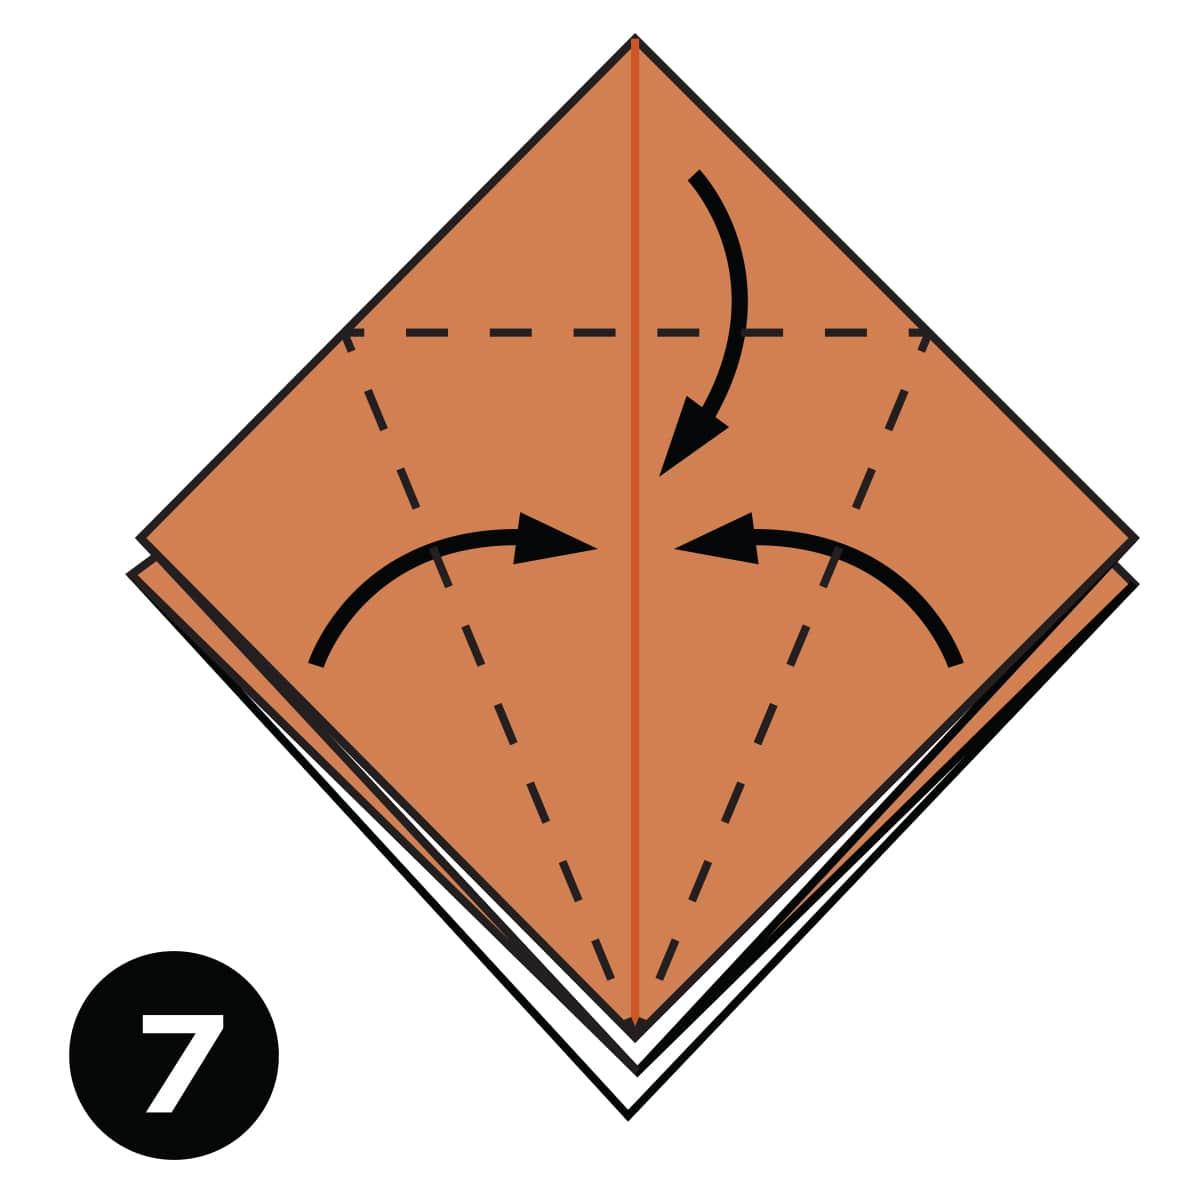 Turtle Step 7